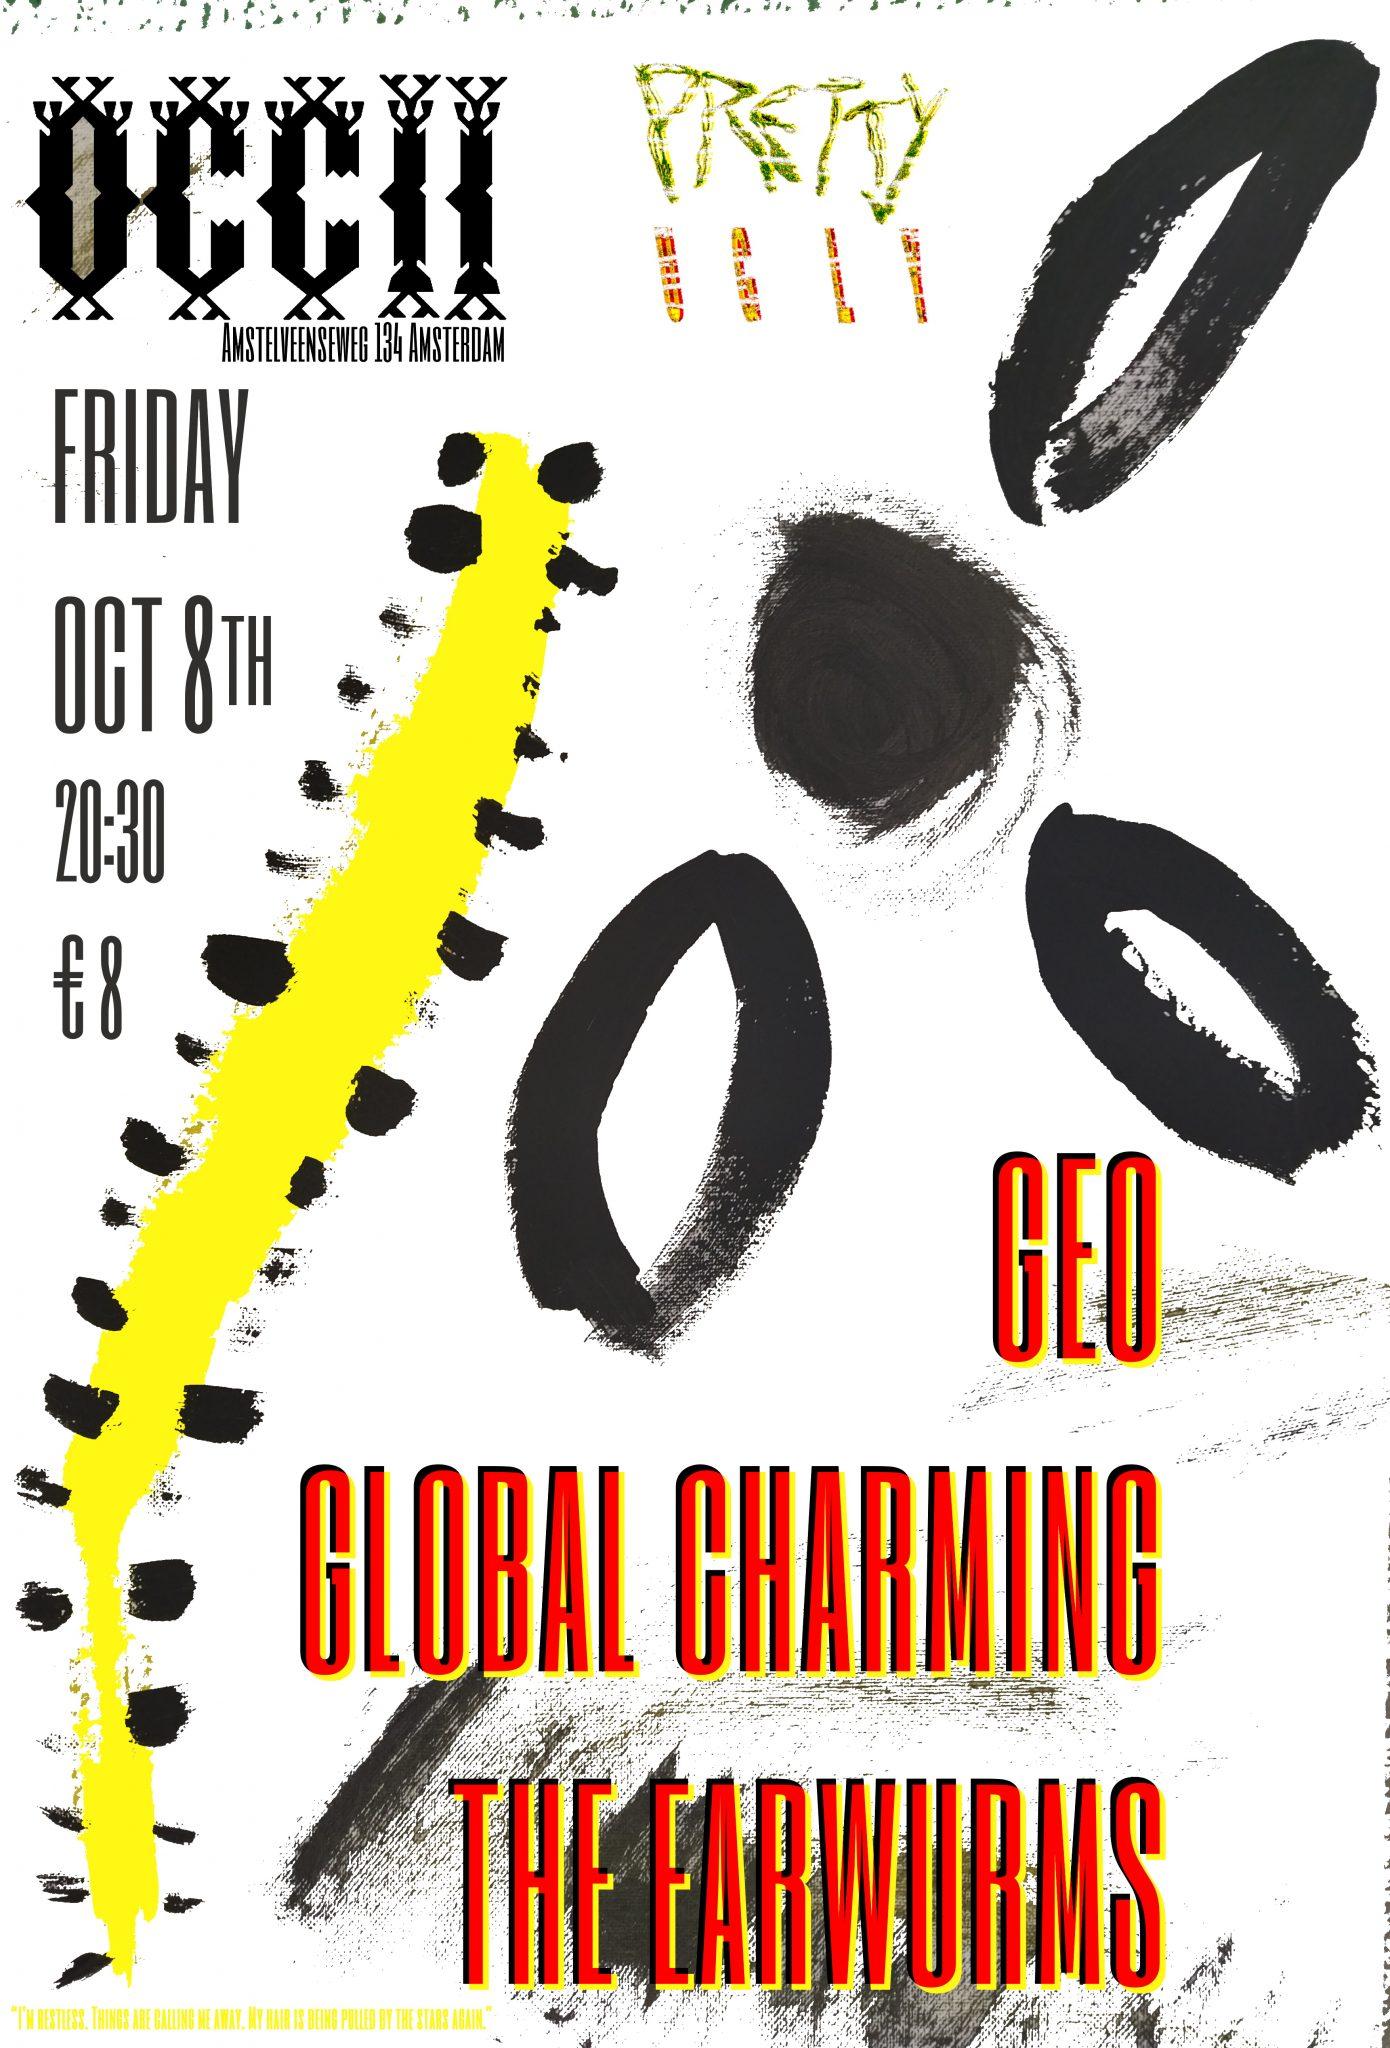 GEO + GLOBAL CHARMING + THE EARWURMS